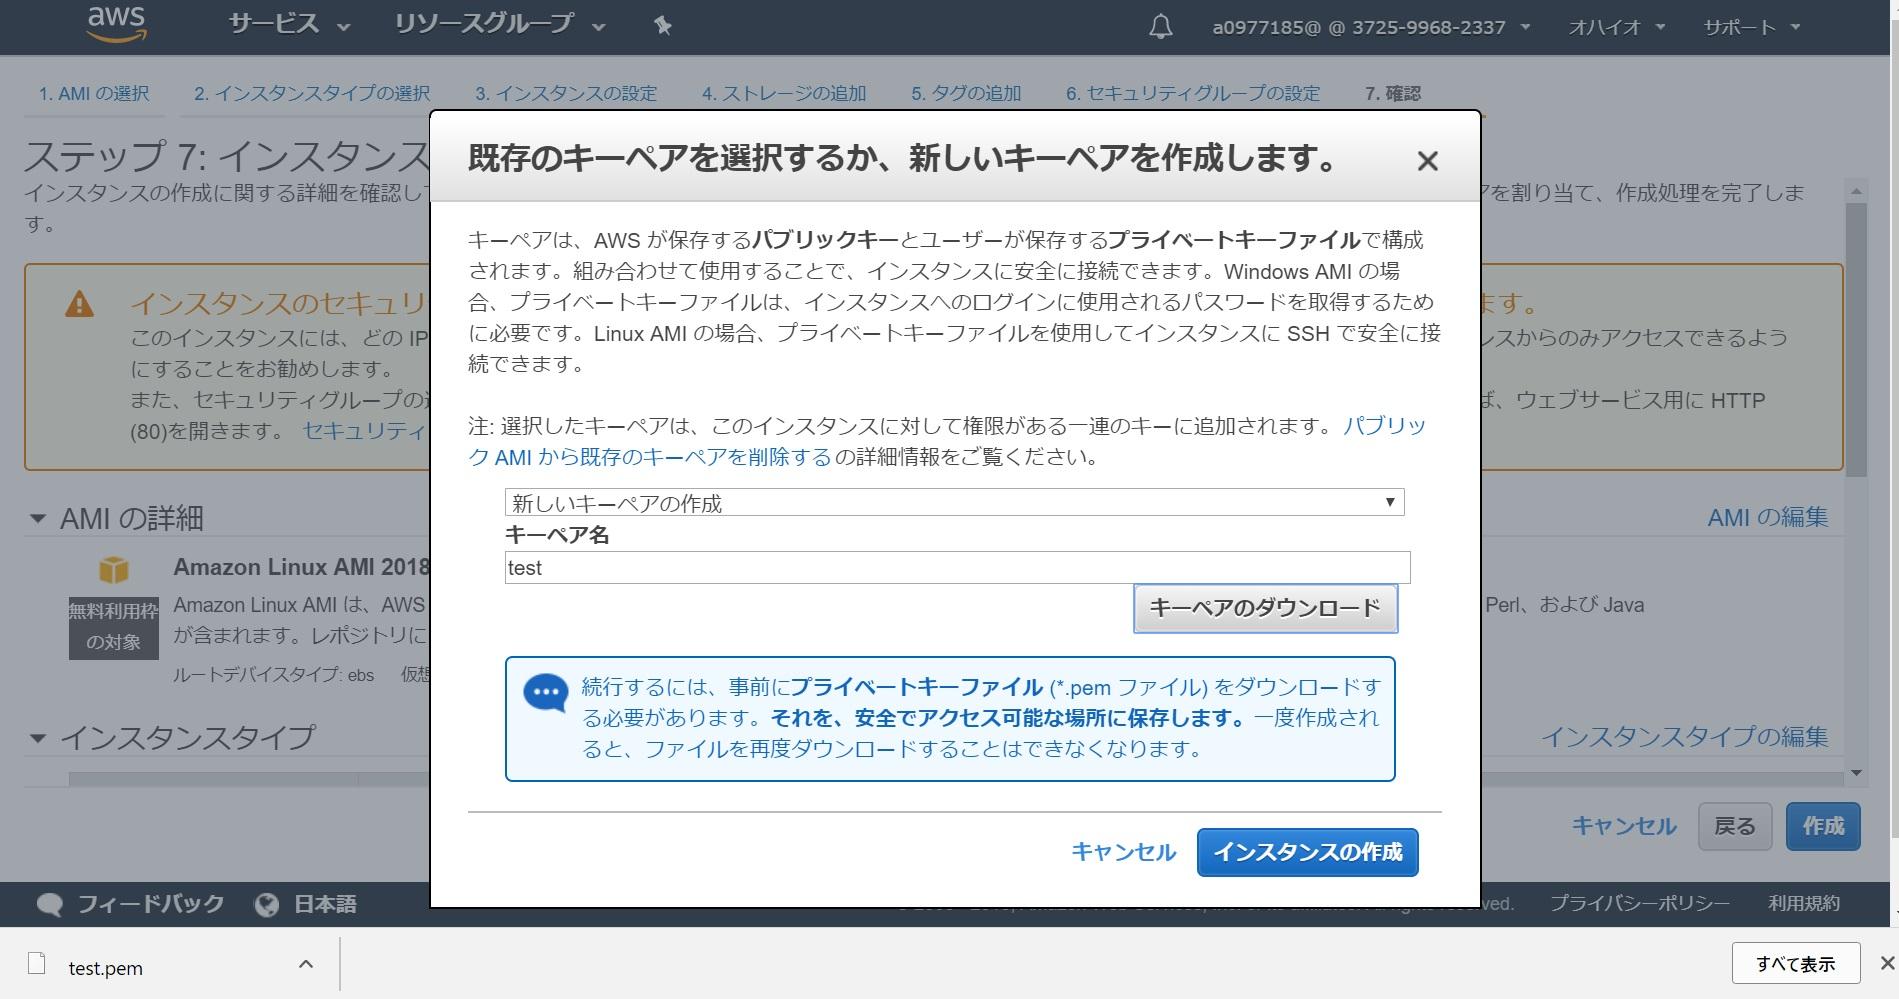 10_キーペア作成画面.jpg